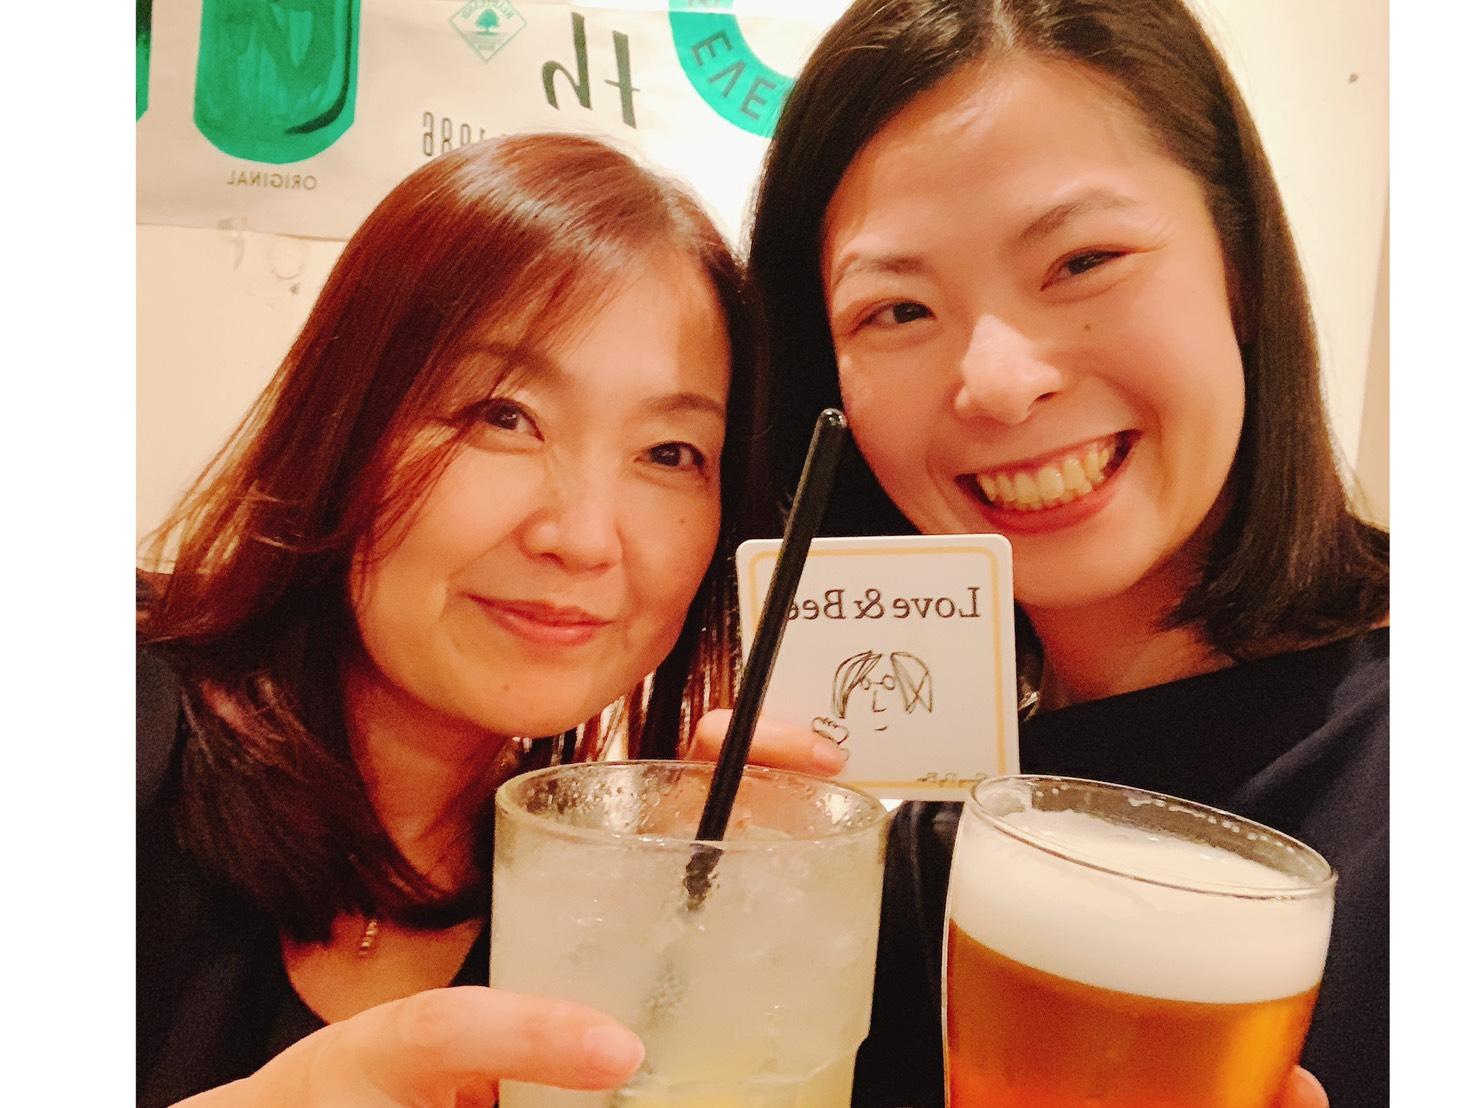 広島のご当地グルメをハシゴで楽しむとしたらエキニシがオススメ